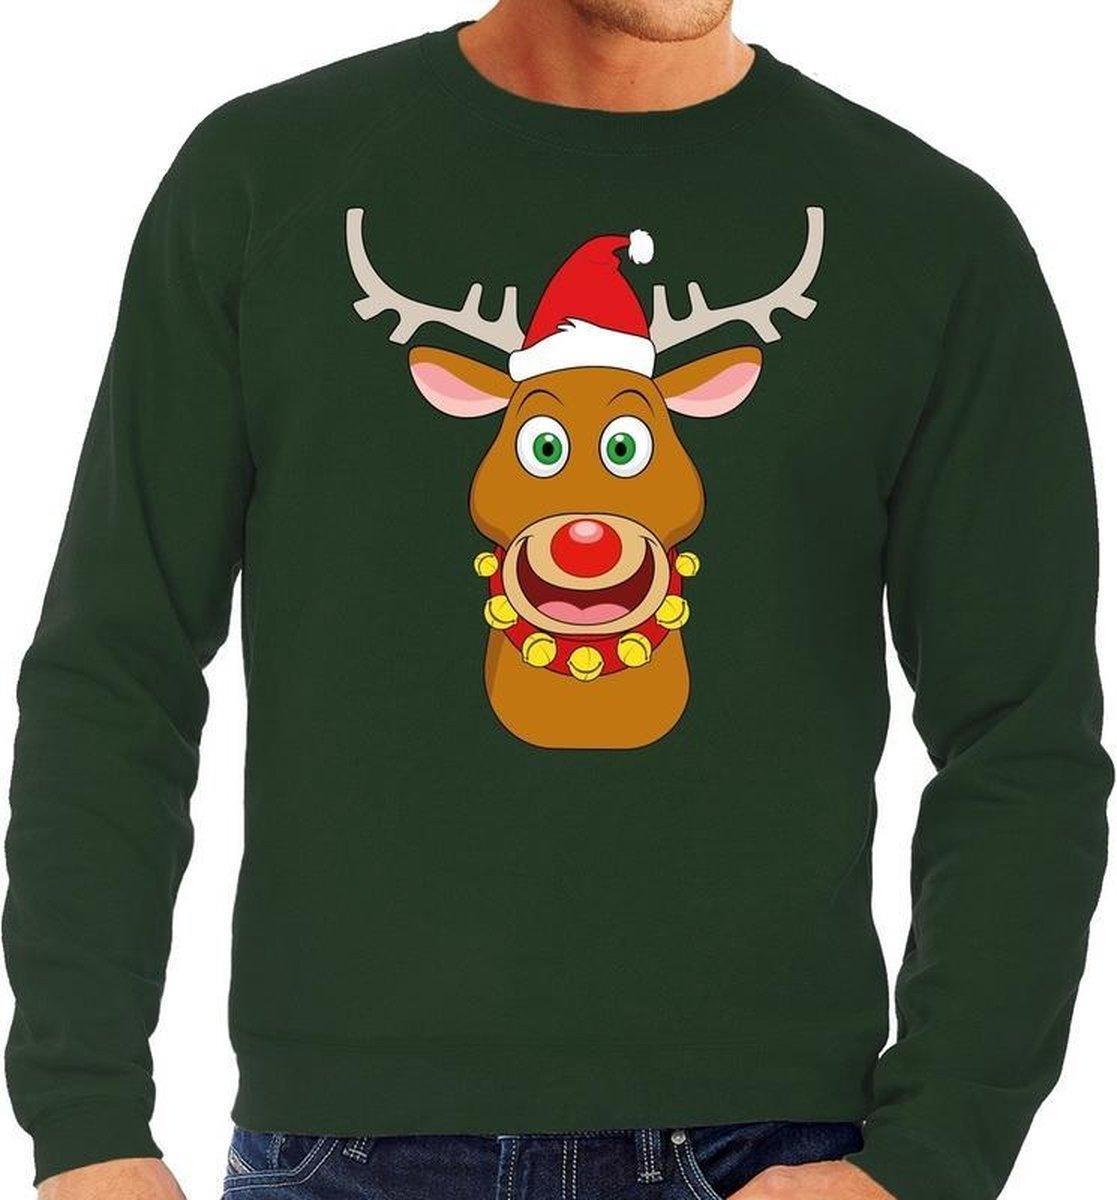 Foute kersttrui / sweater met Rudolf het rendier met rode kerstmuts groen voor heren - Kersttruien L (52) - Bellatio Decorations